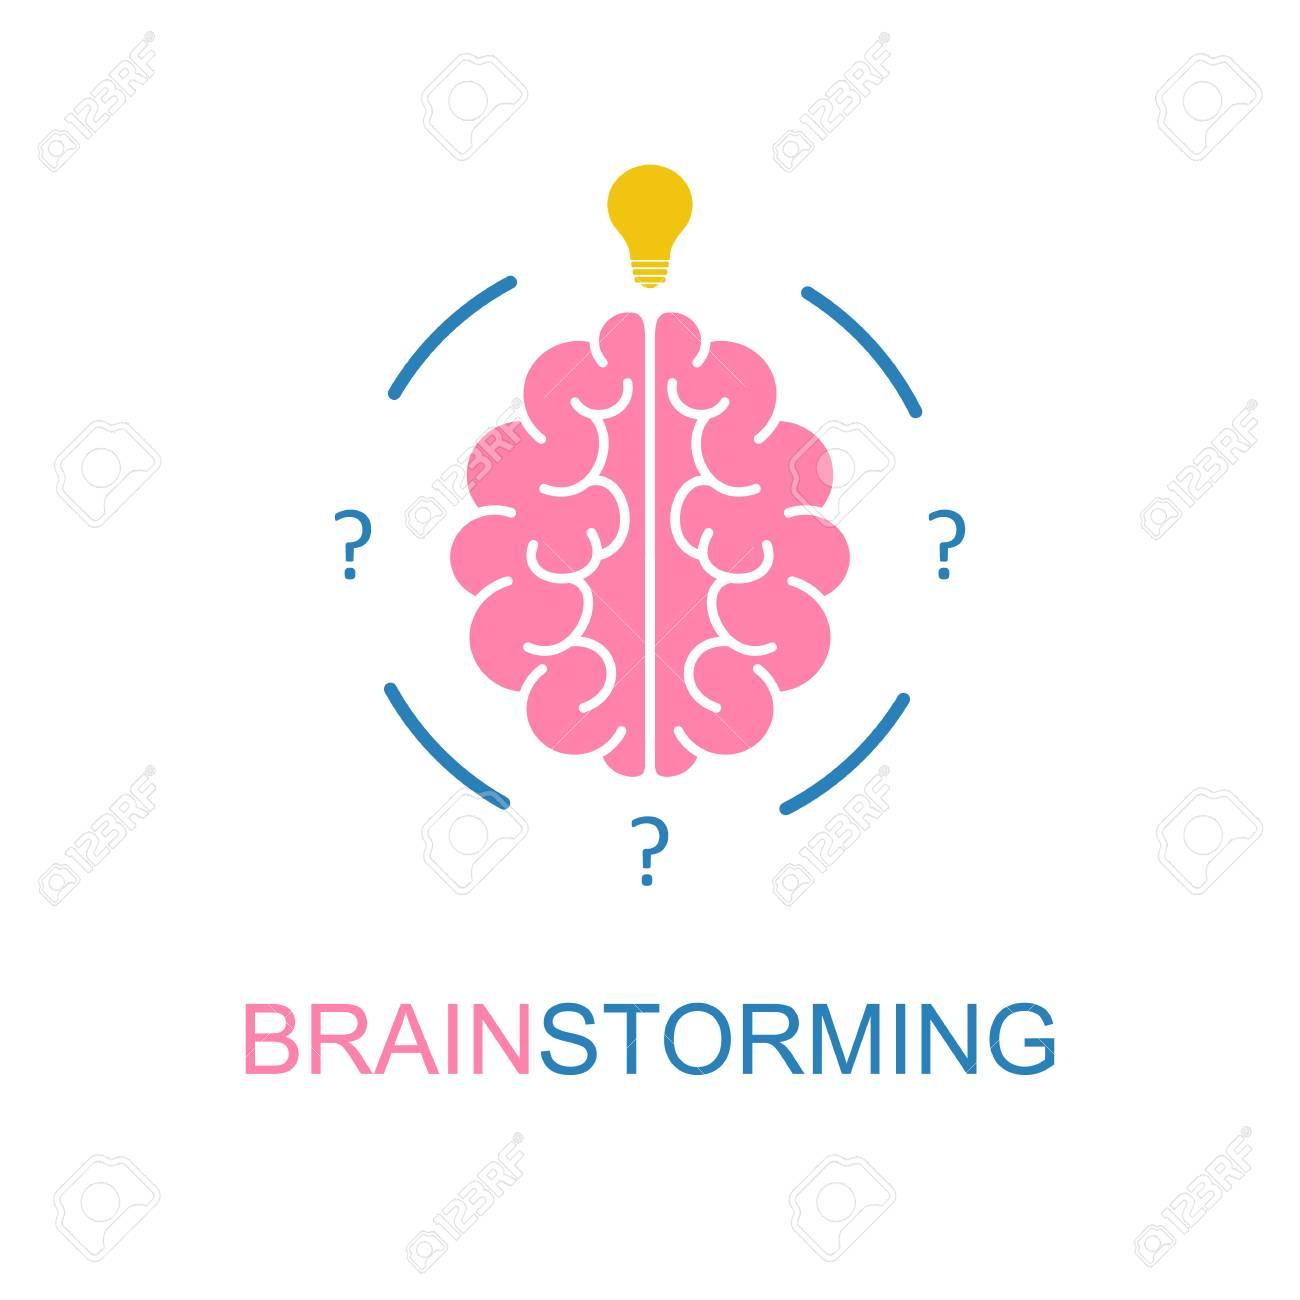 Cerebro, Brainstorming, Idea, Logotipo De La Creatividad E Icono ...